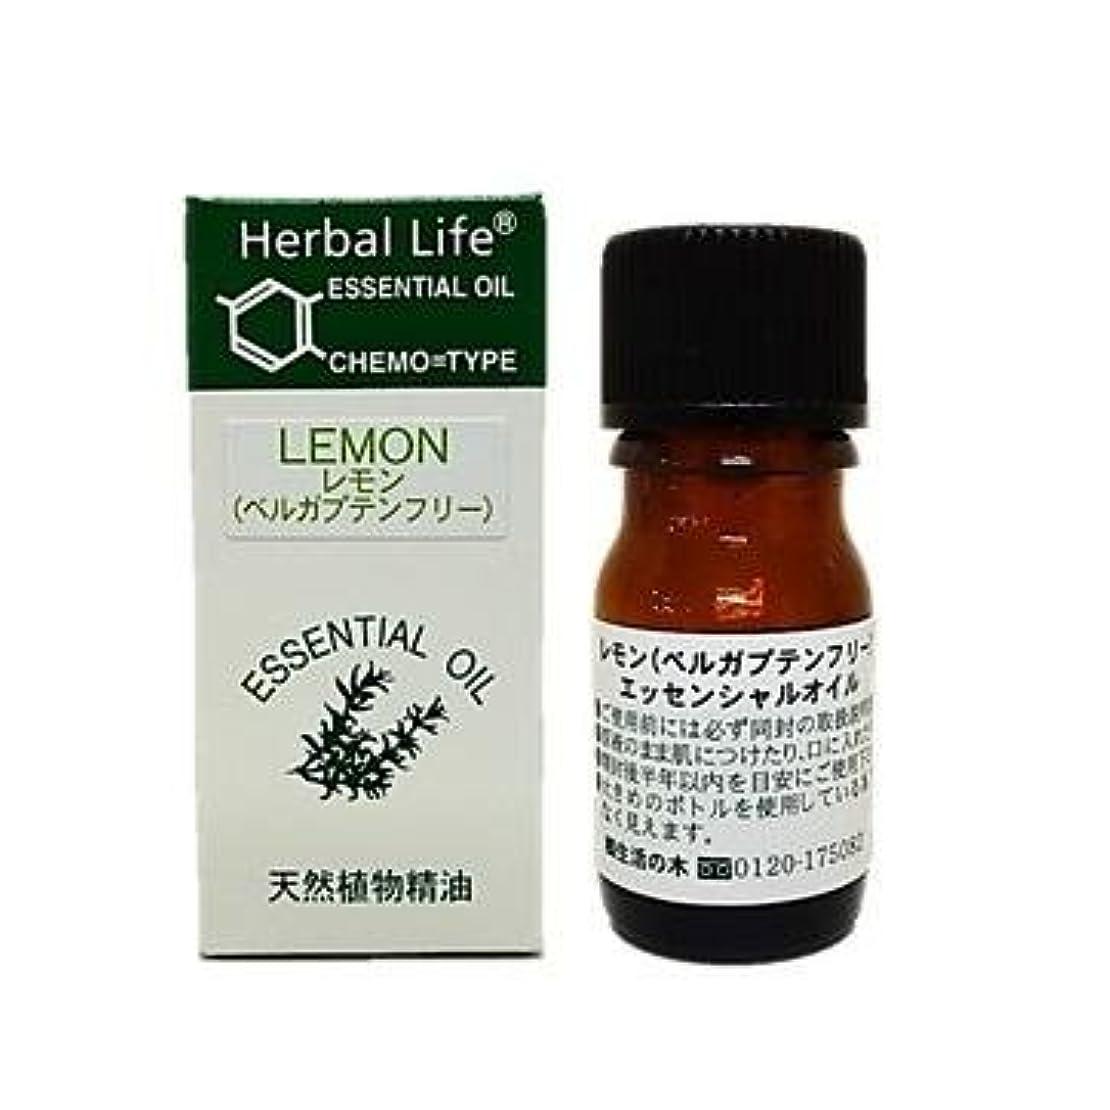 ライター鹿長老生活の木 レモン(フロクマリンフリー)3ml エッセンシャルオイル/精油